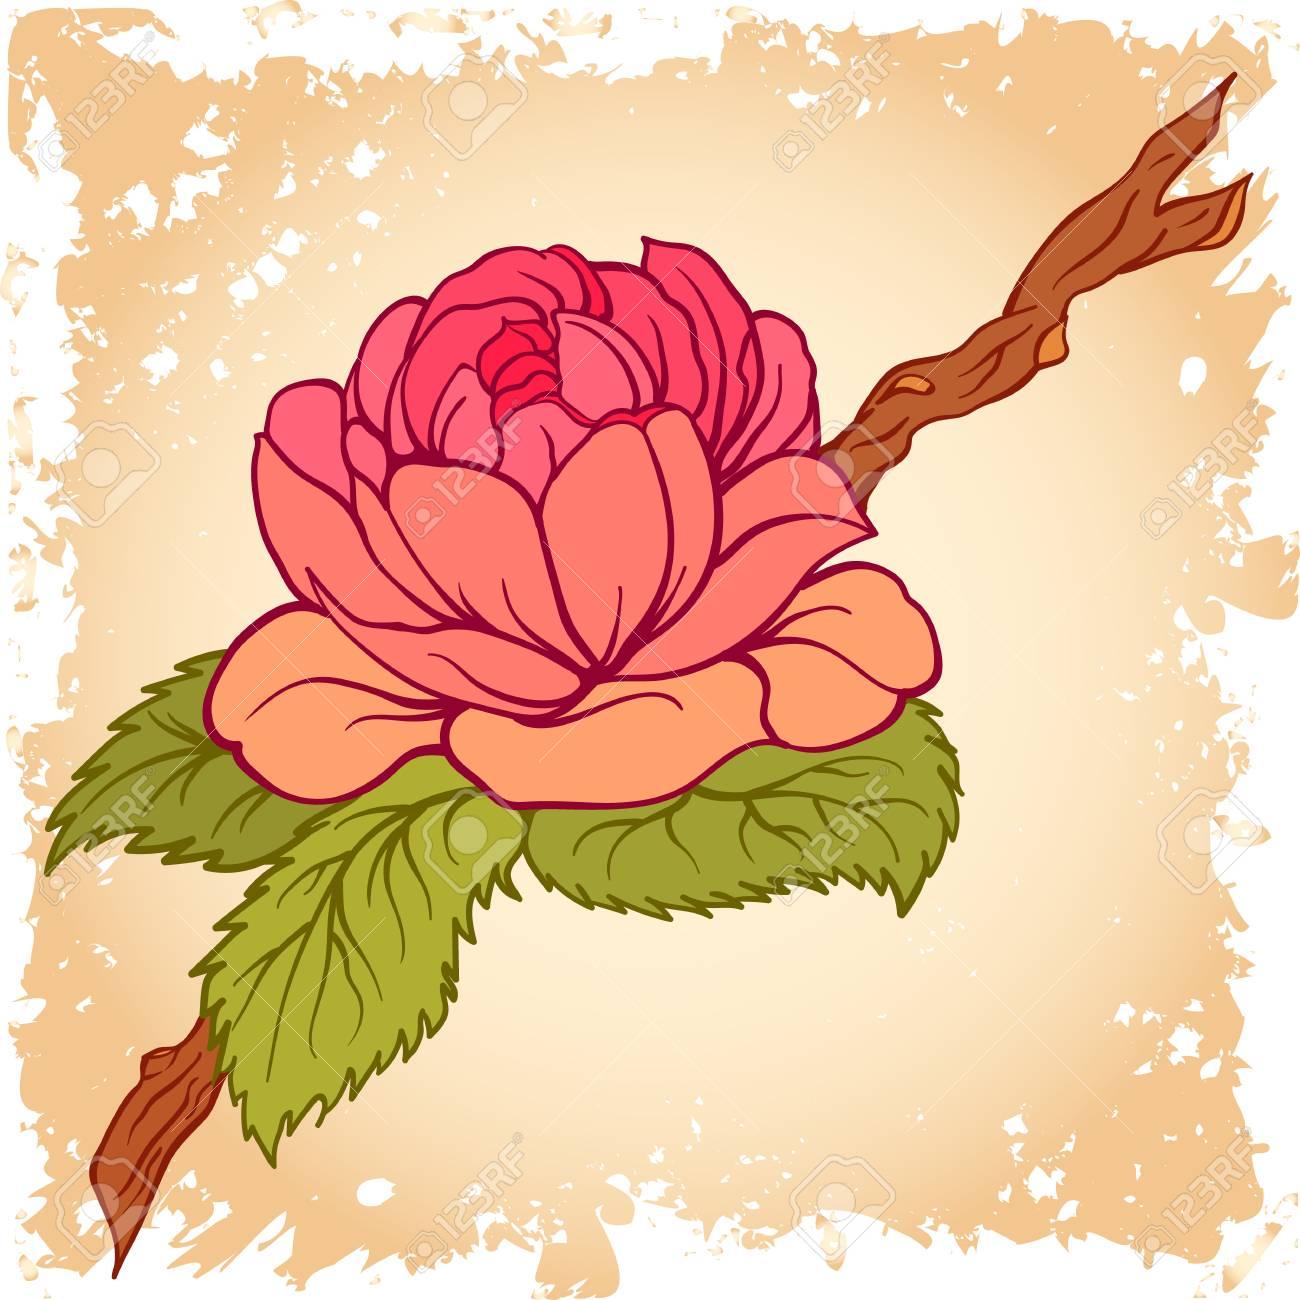 椿の花と枝を残します植物のイラストグリーティング カード招待状